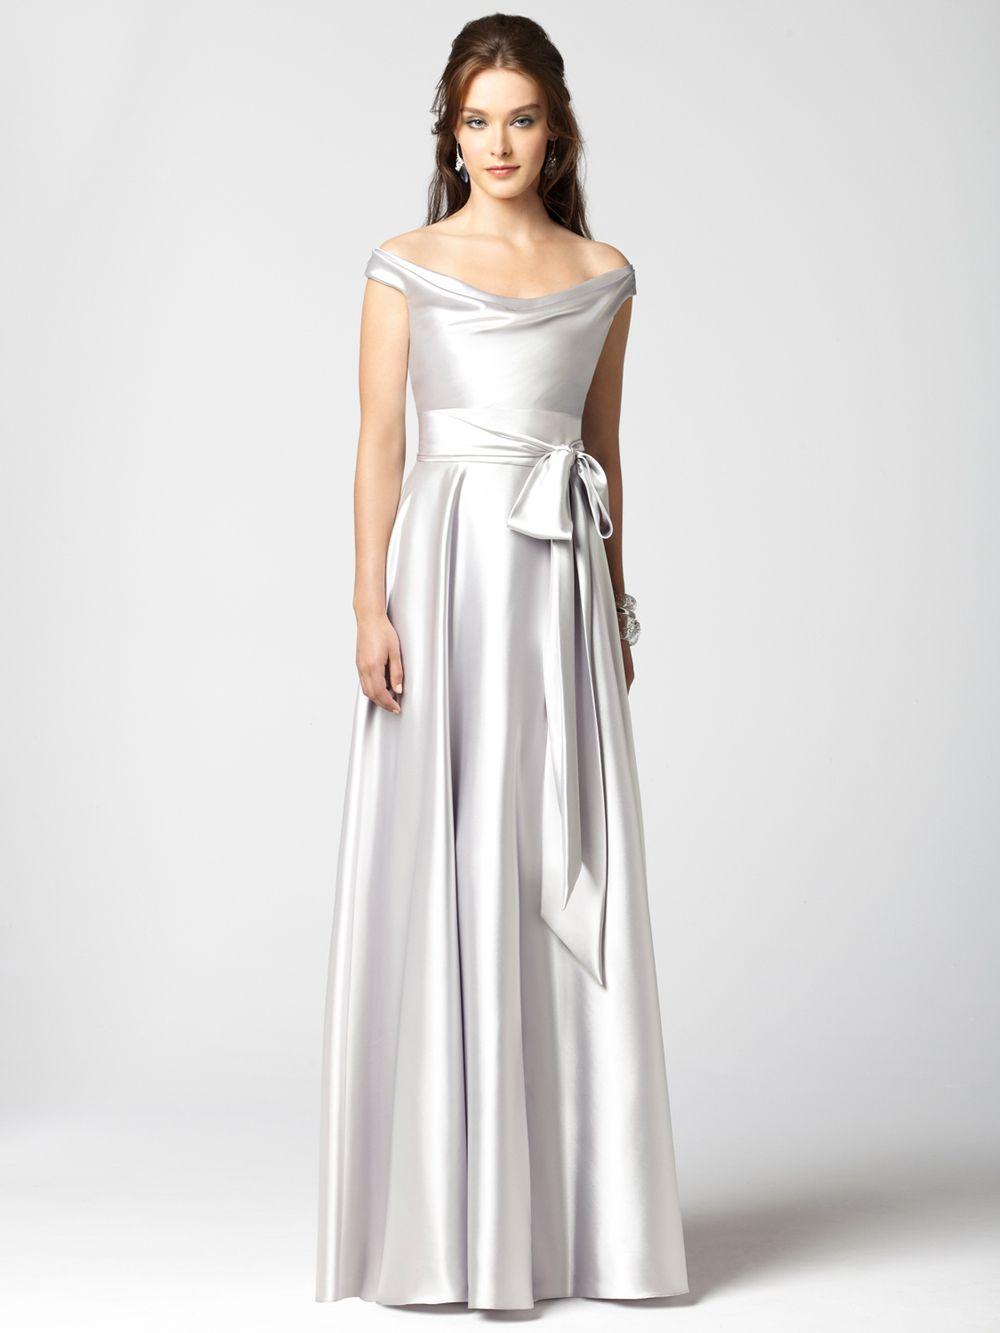 Ungewöhnlich B2 Jasmin Brautjunferkleider Fotos - Hochzeit Kleid ...